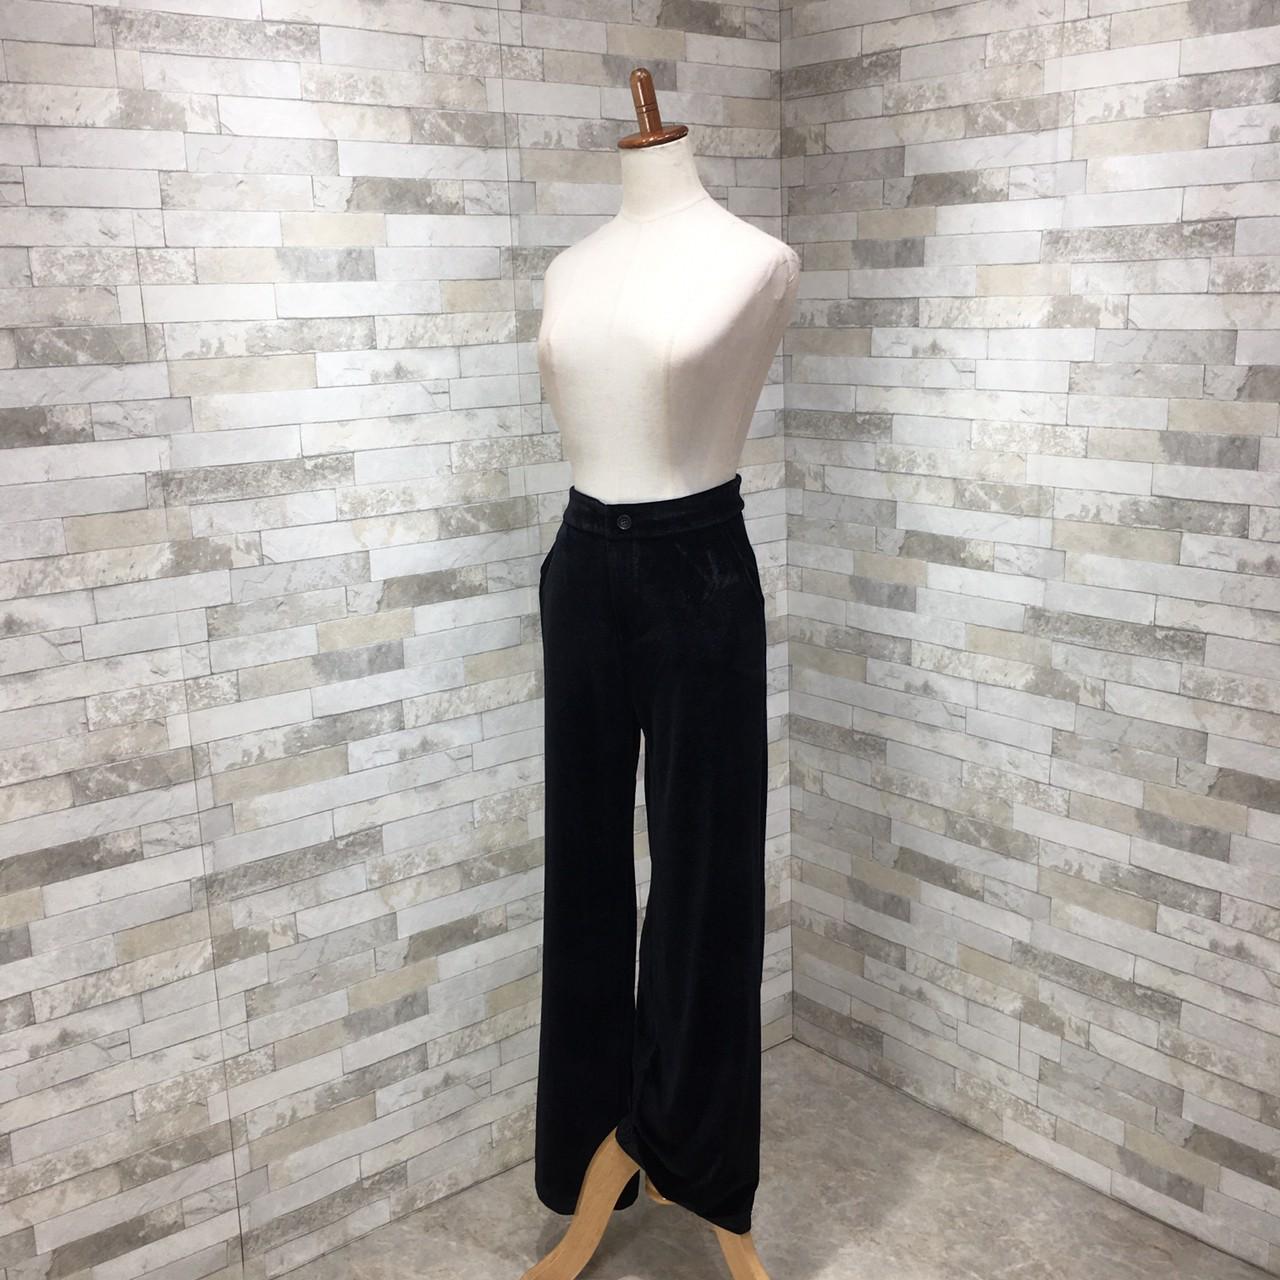 【即納】韓国 ファッション パンツ セットアップ パーティードレス 結婚式 お呼ばれドレス 秋 冬 パーティー ブライダル SPTXH554  起毛 ドレープ テーラードジャ 二次会 セレブ きれいめの写真12枚目